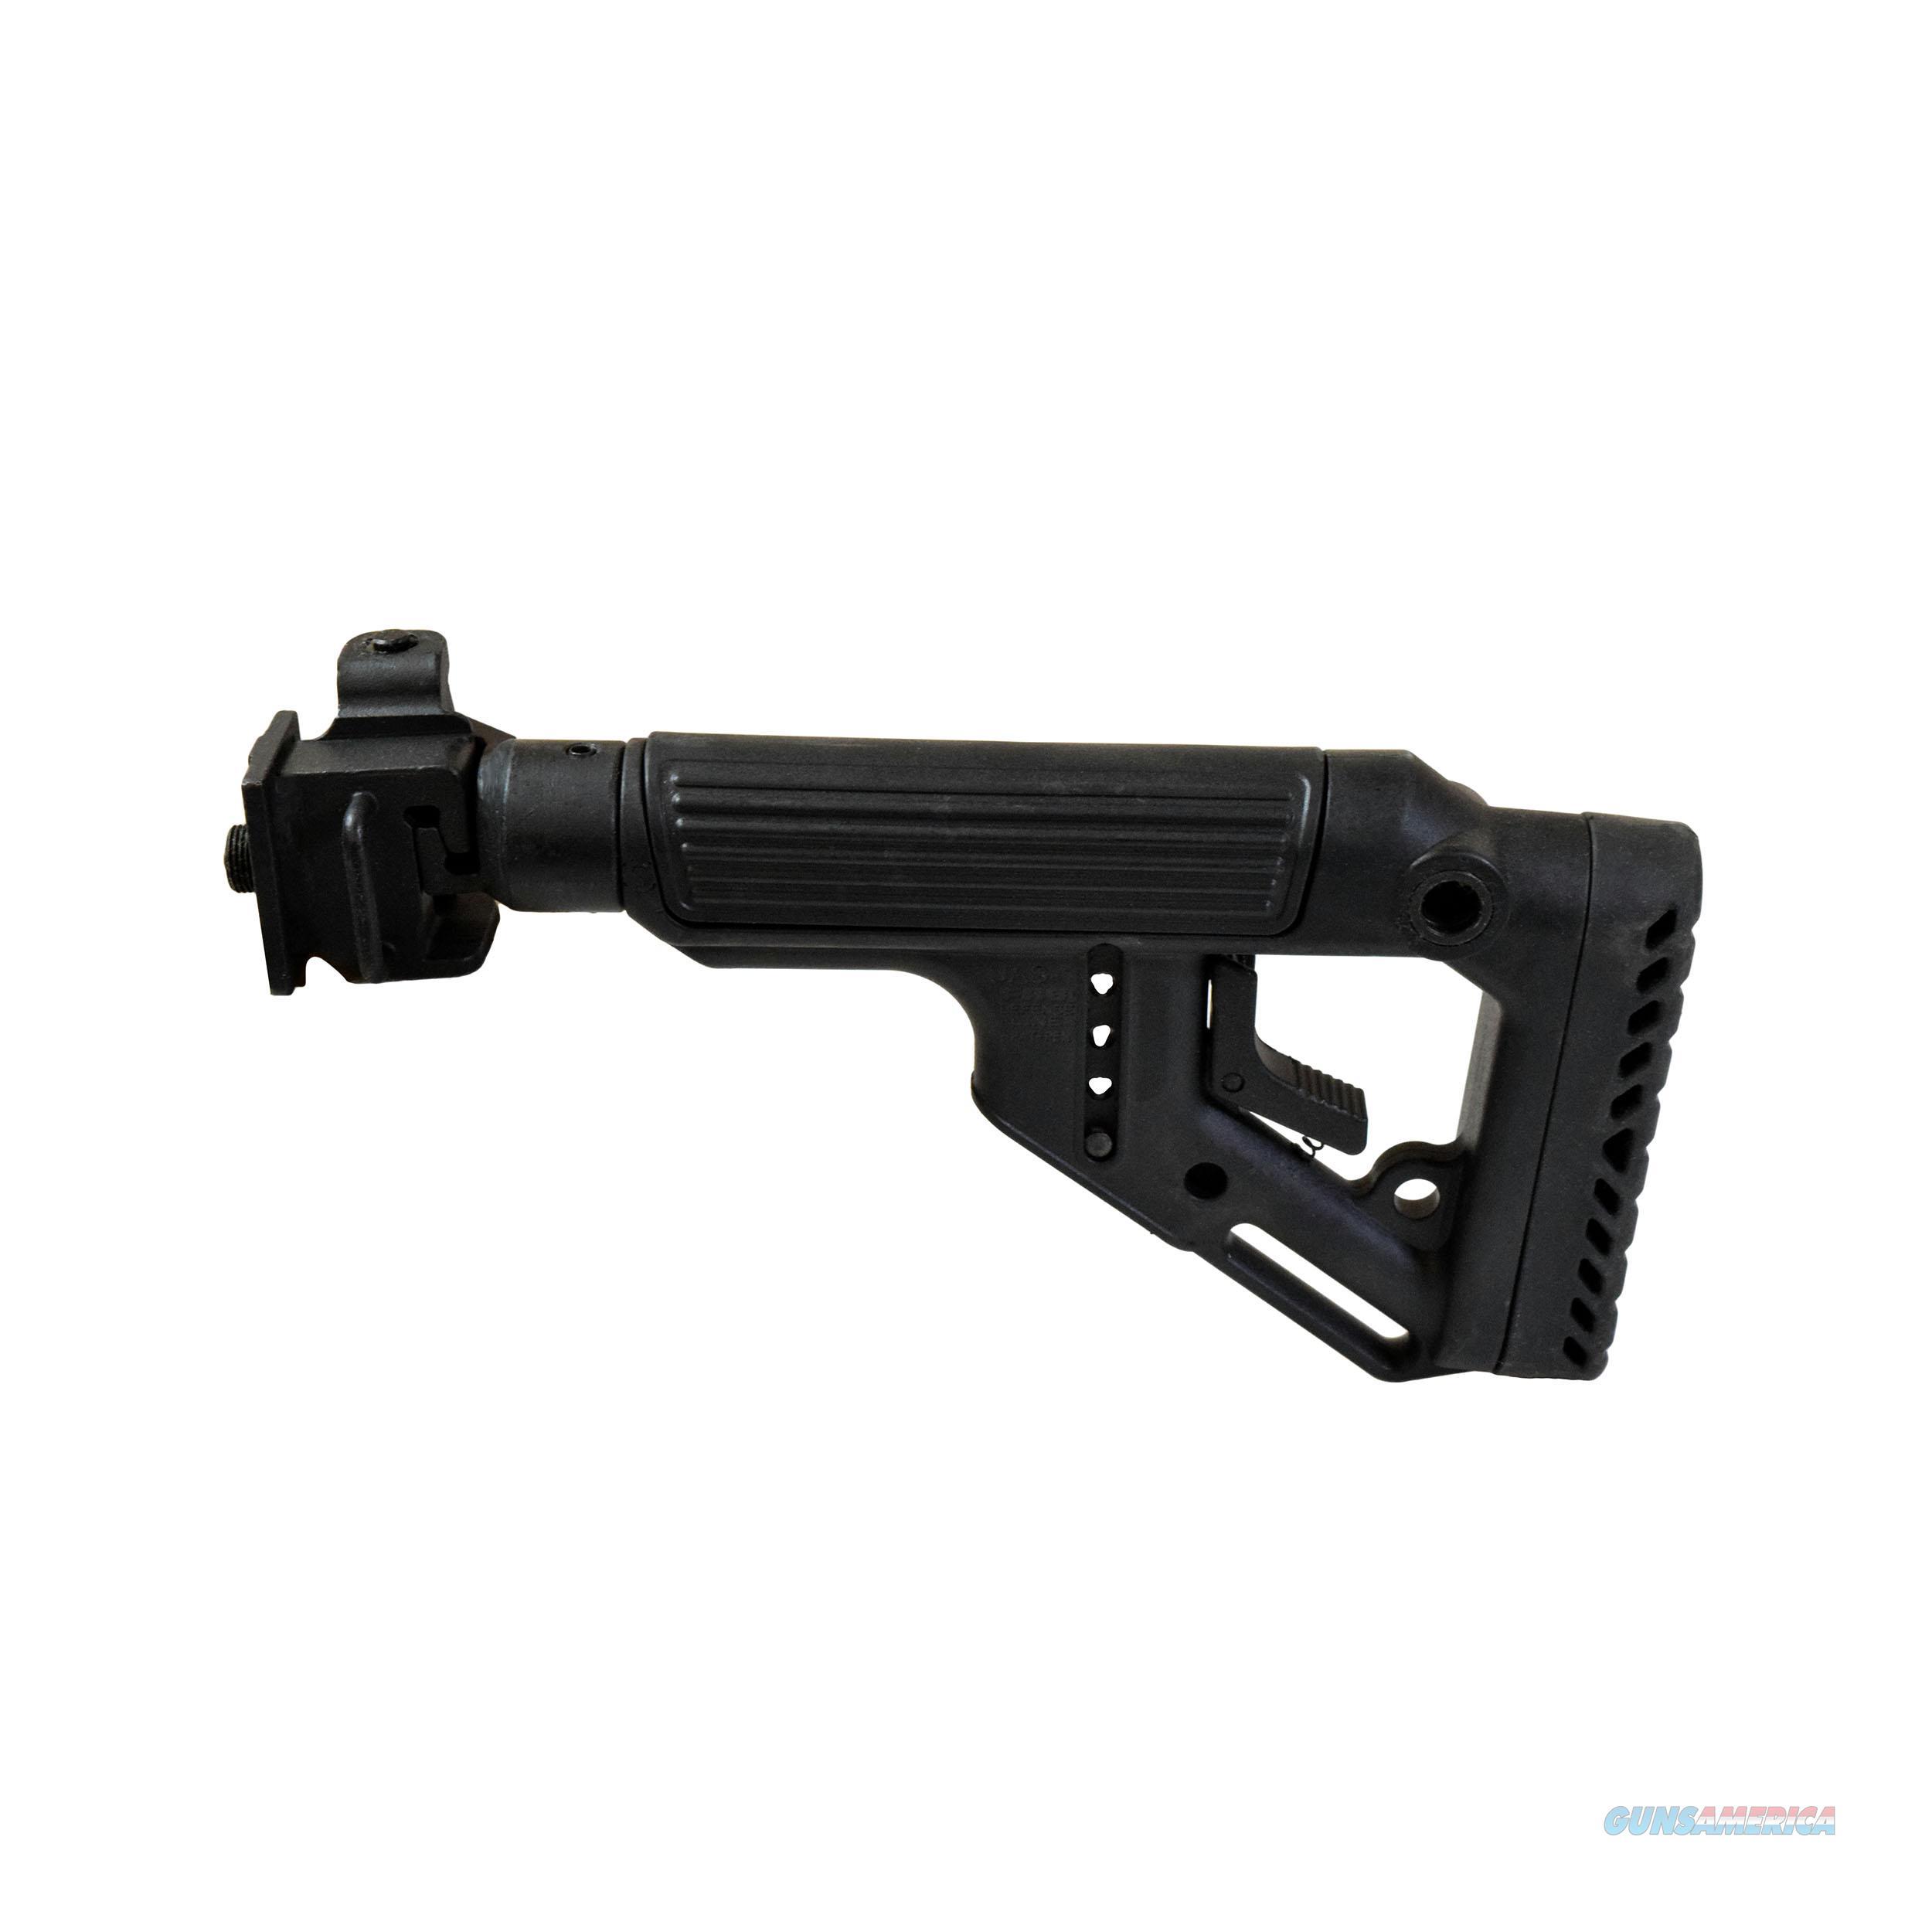 Mako Group Tactical Folding Buttstock UAS-VZ-B  Non-Guns > Gunstocks, Grips & Wood